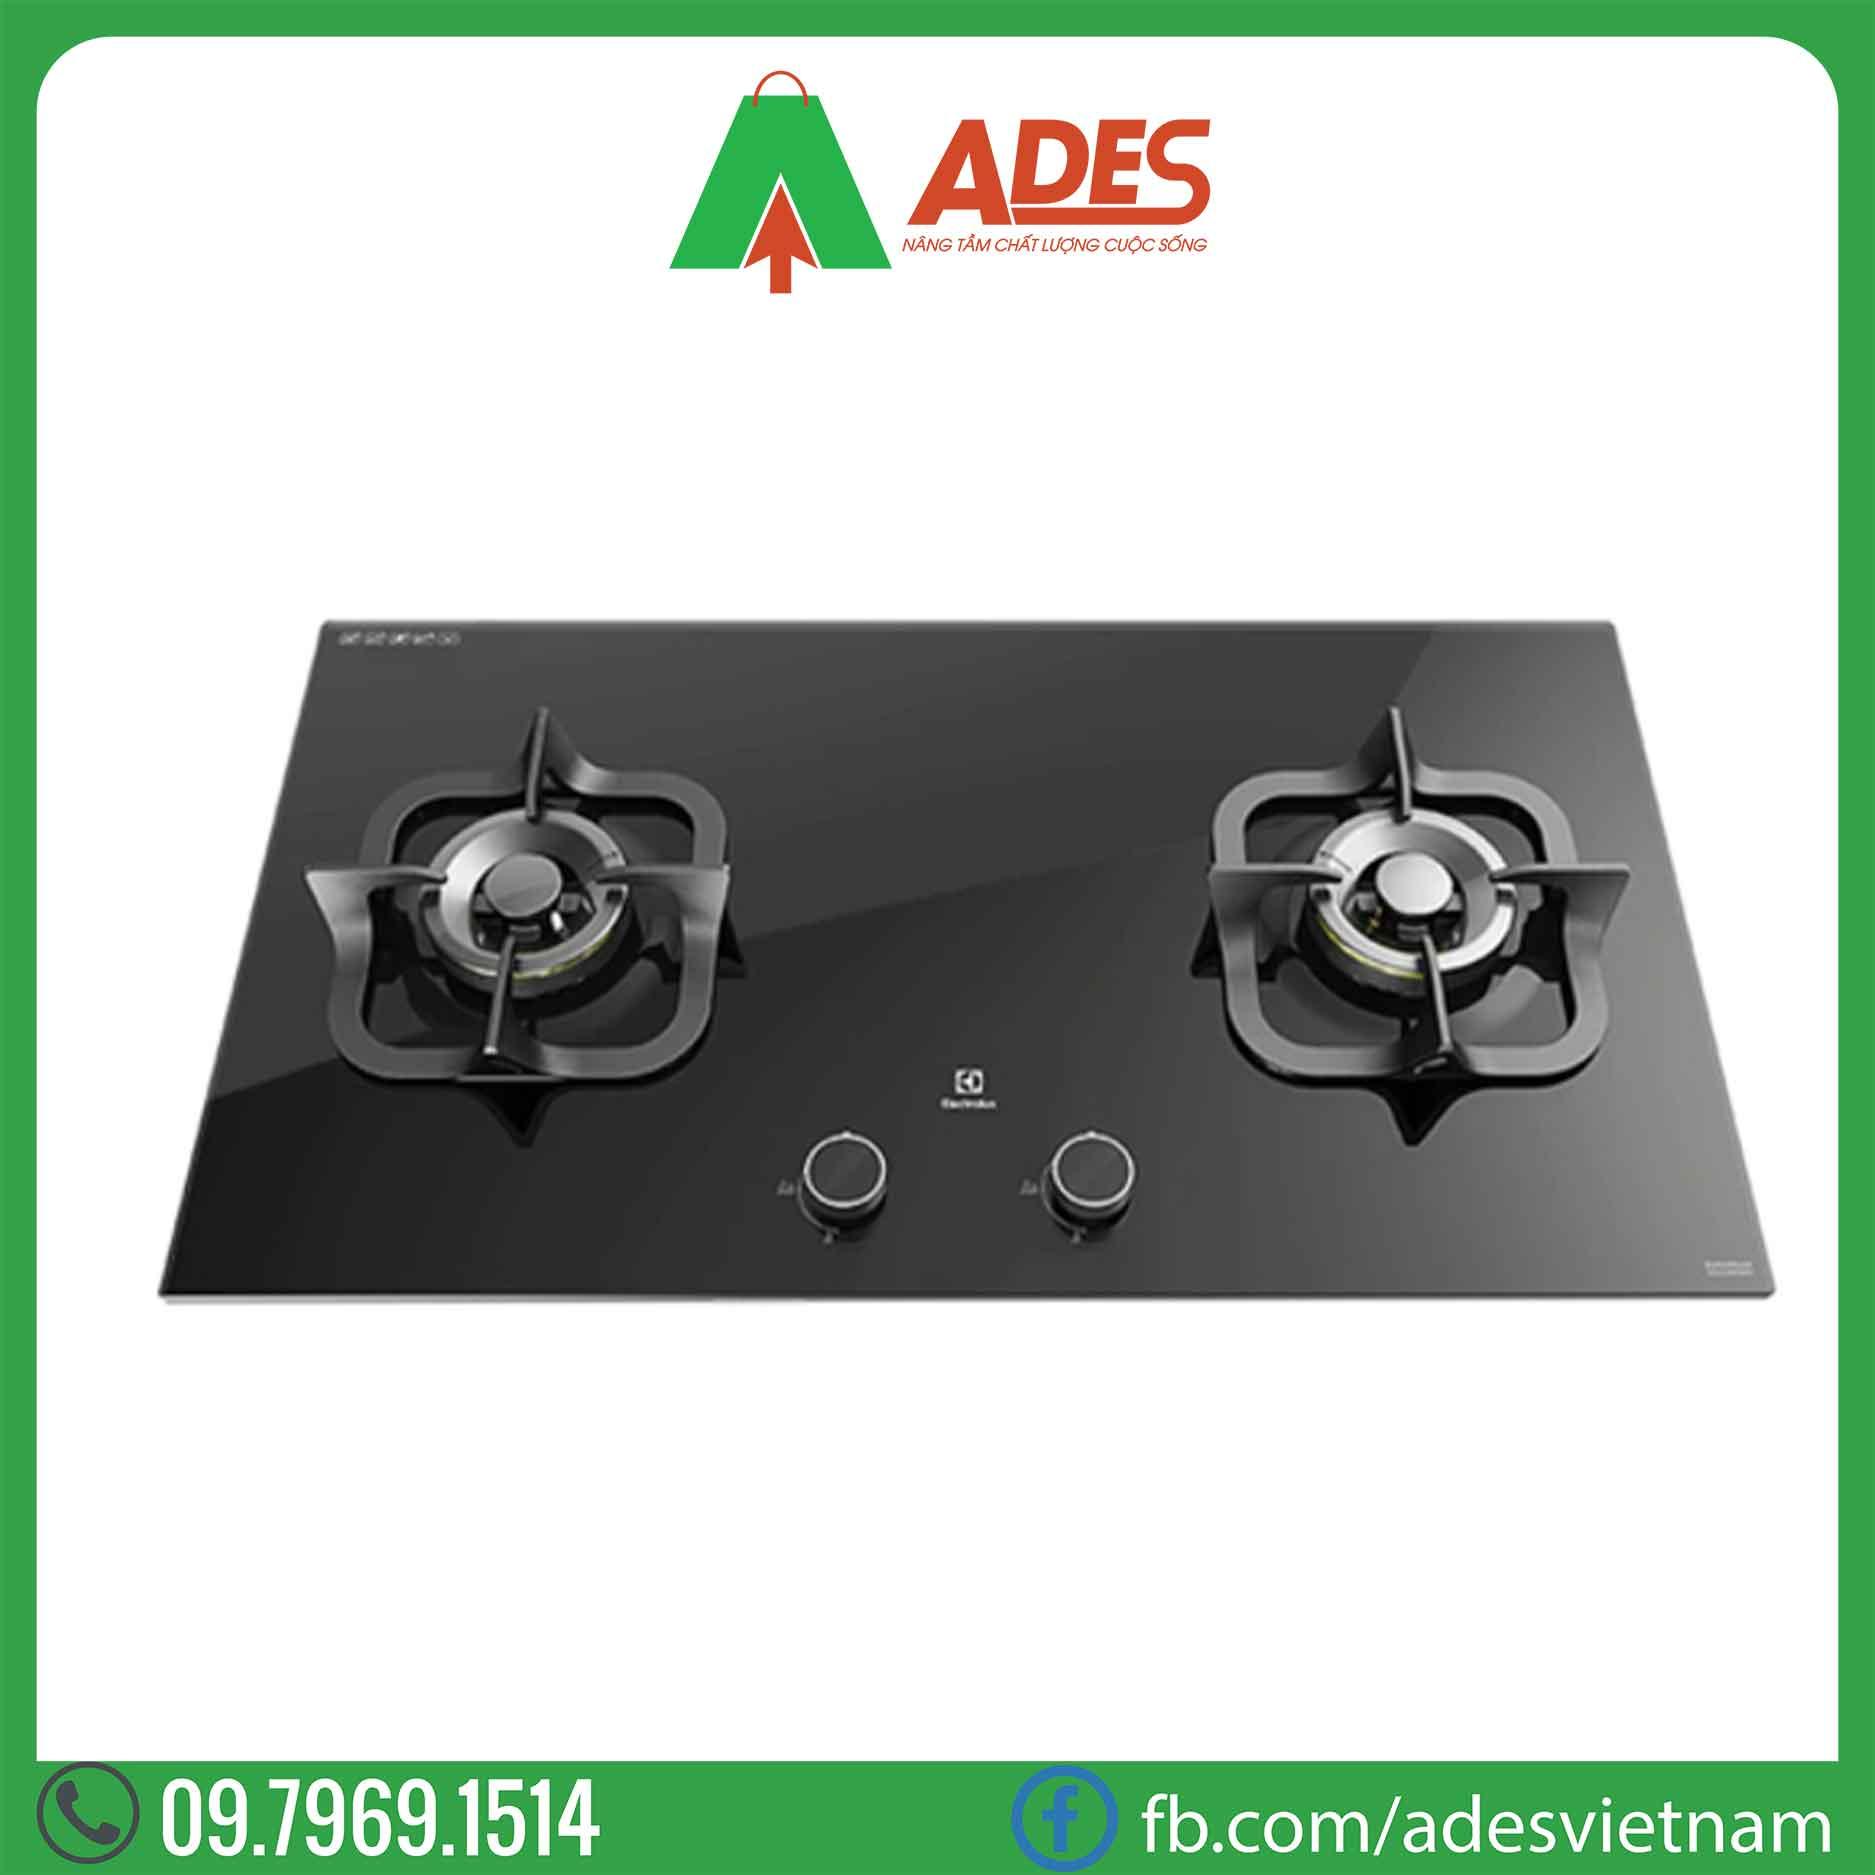 Bếp Gas Âm Electrolux EGT7828CK   Điện máy ADES